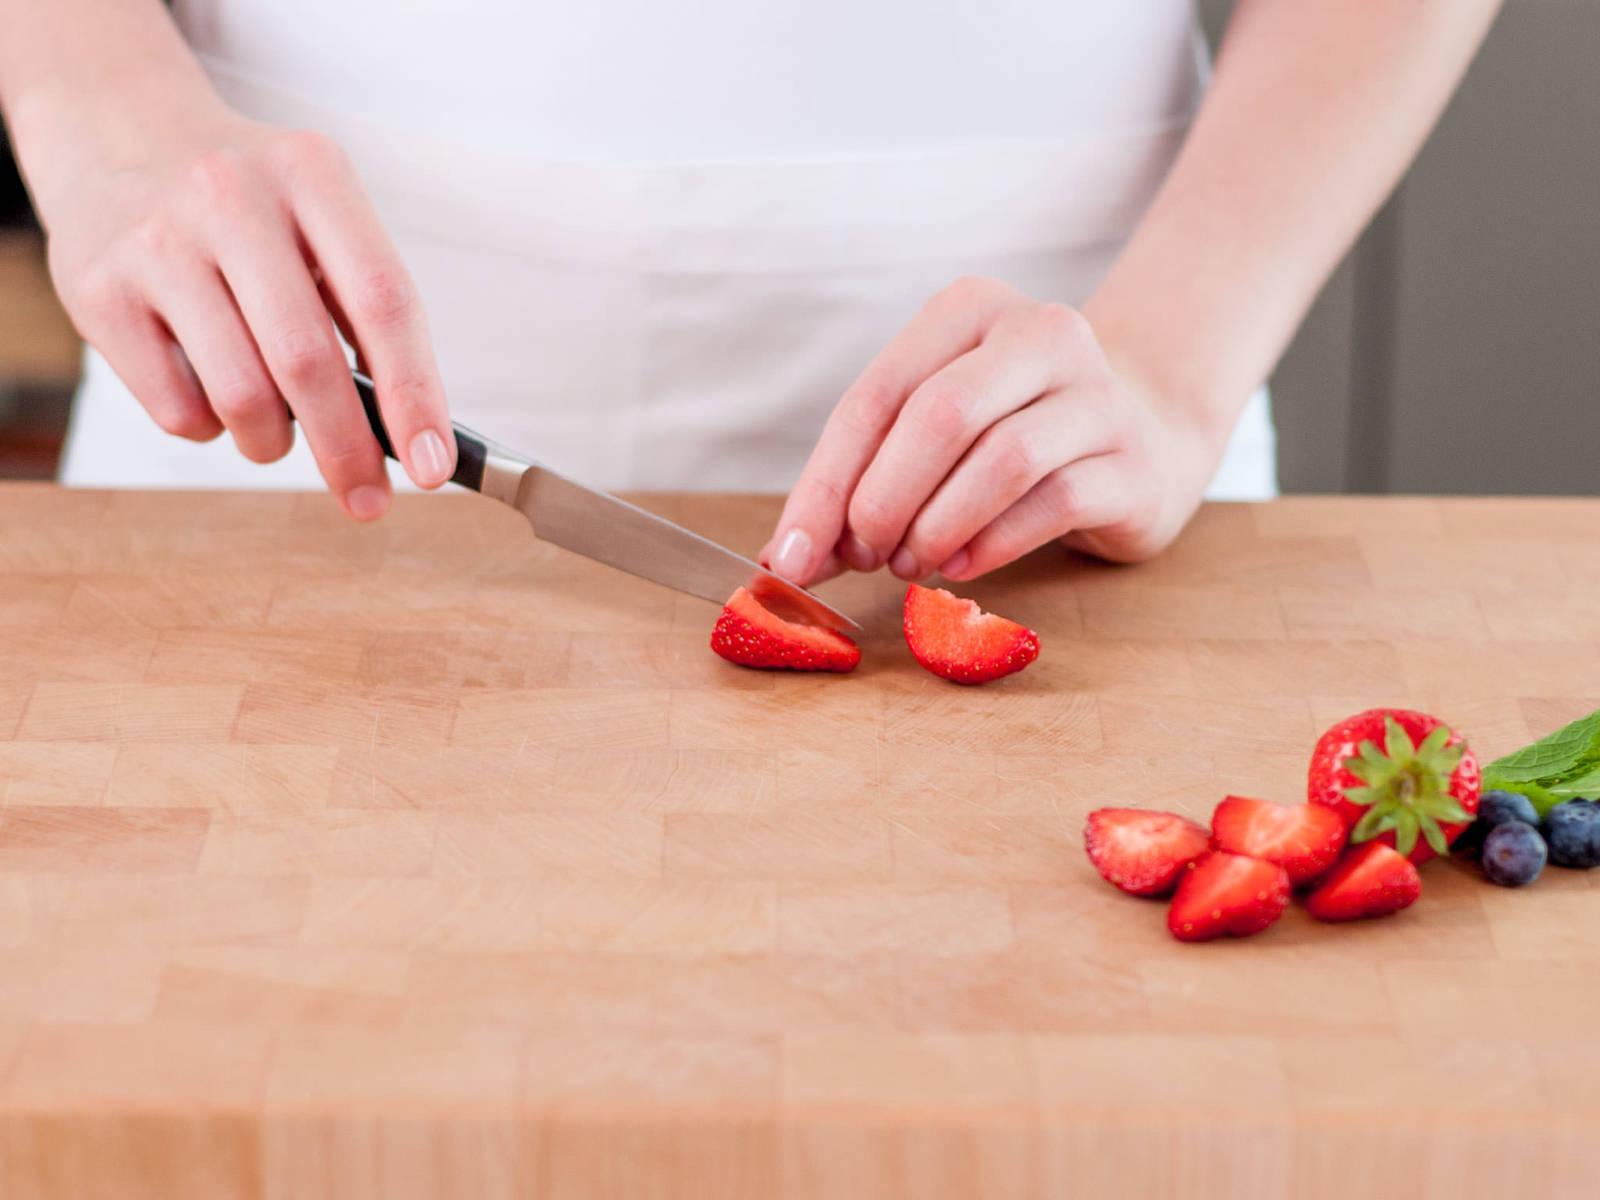 将蓝莓清洗后放置一旁备用。粗略切碎薄荷,将草莓切成四半。